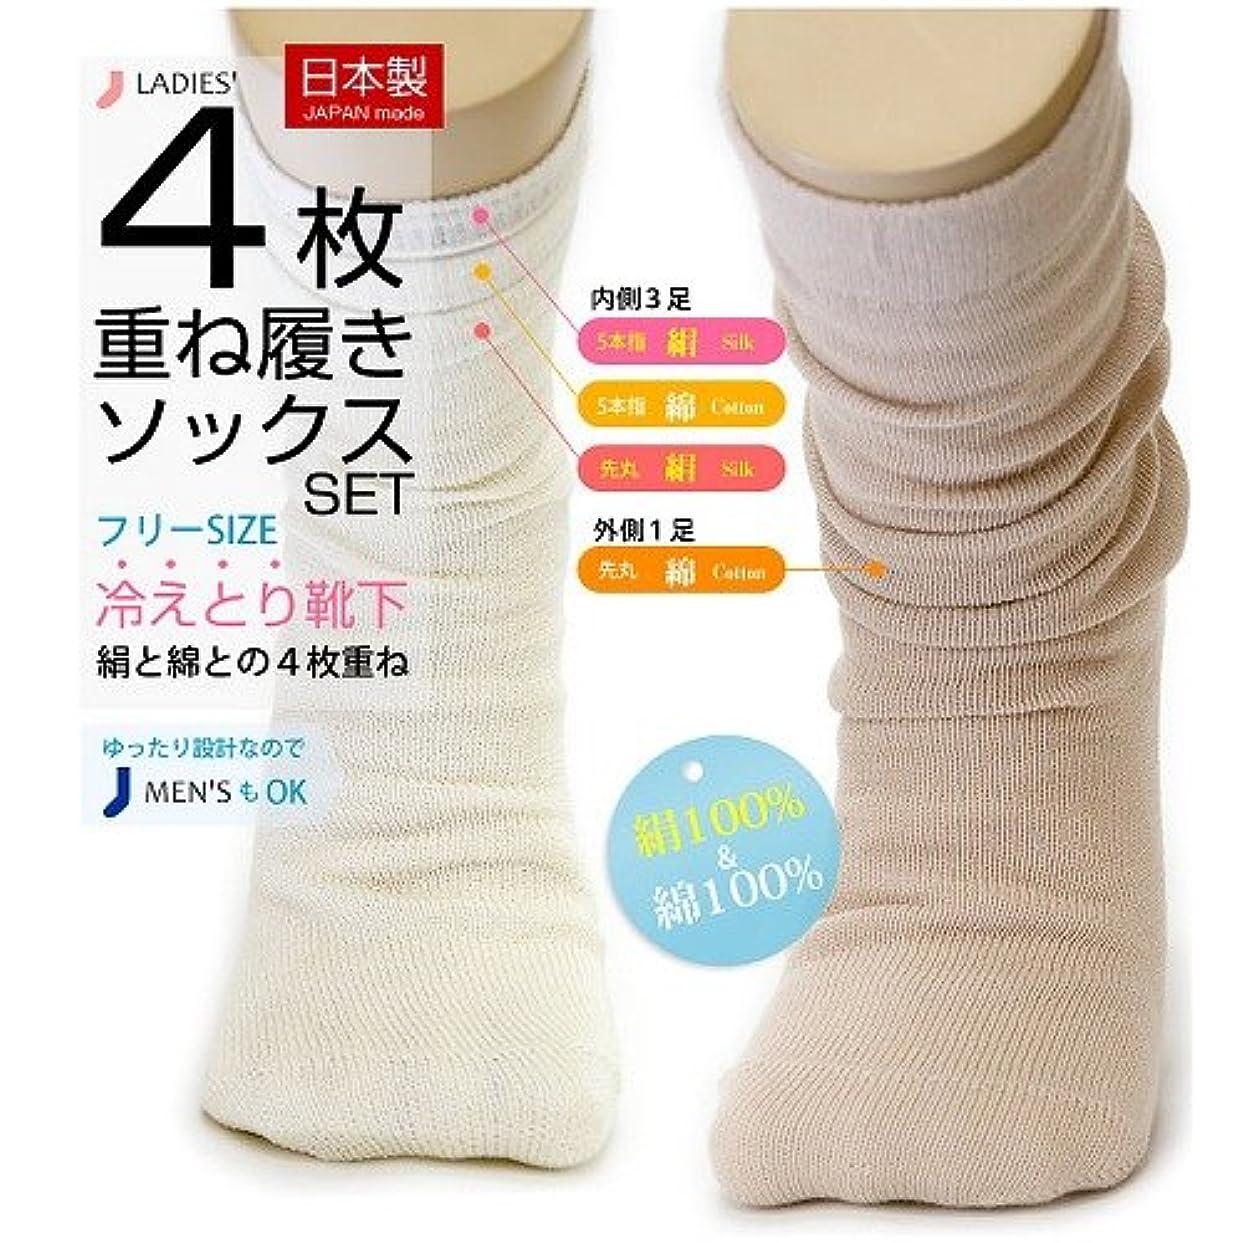 シュリンク真空汚染された冷え取り靴下 綿100%とシルク100% 最高級の日本製 4枚重ねばきセット(外側チャコール)